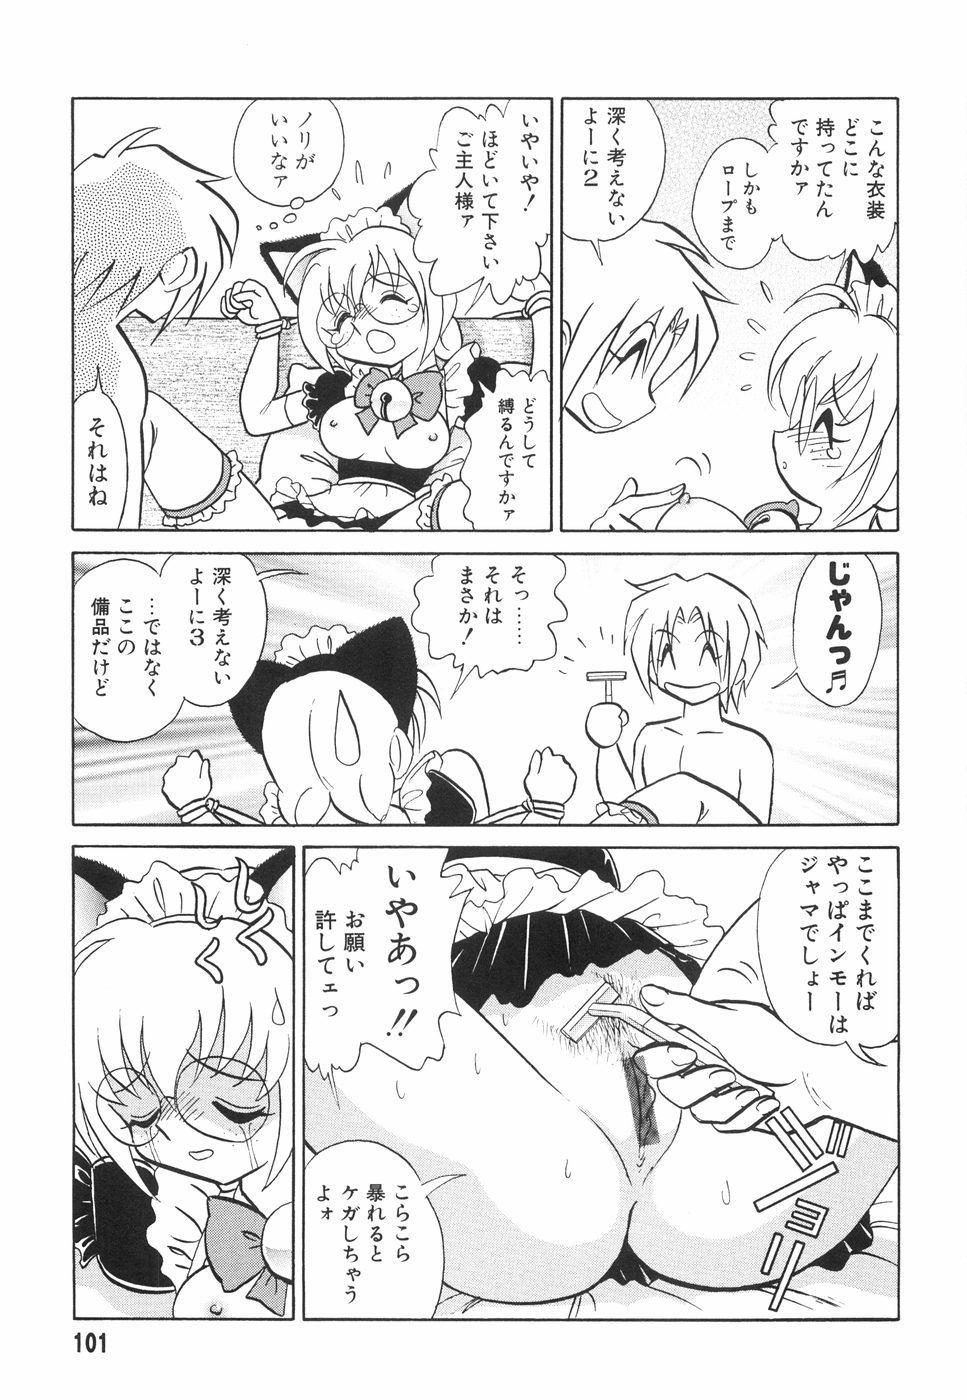 Hazukashime no Jikan 101